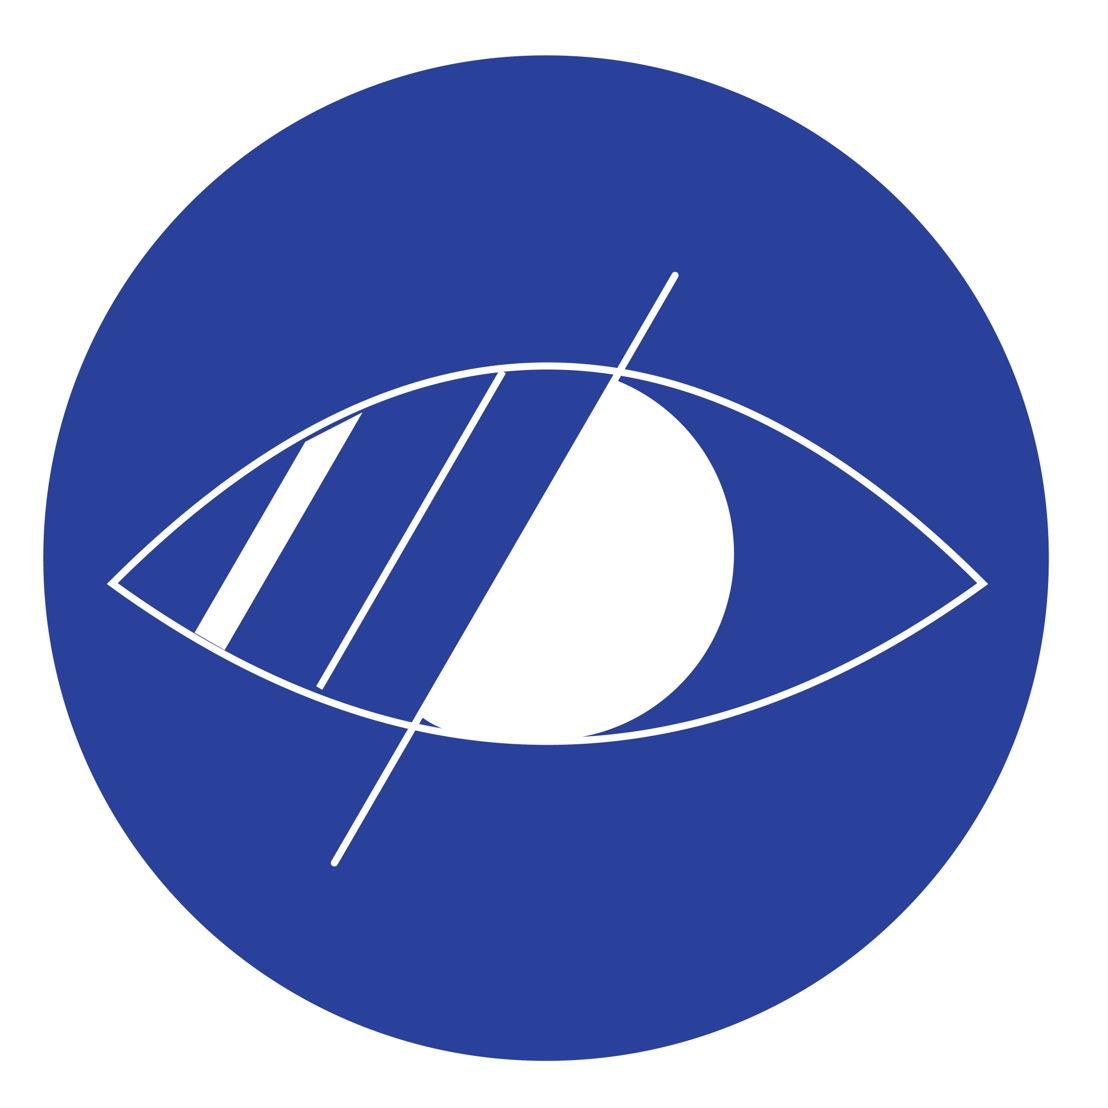 Halte toegankelijk voor personen met visuele beperking: halte uitgerust met opstapvlak in rubbertegels en aansluitende geleidelijn in ribbeltegels.